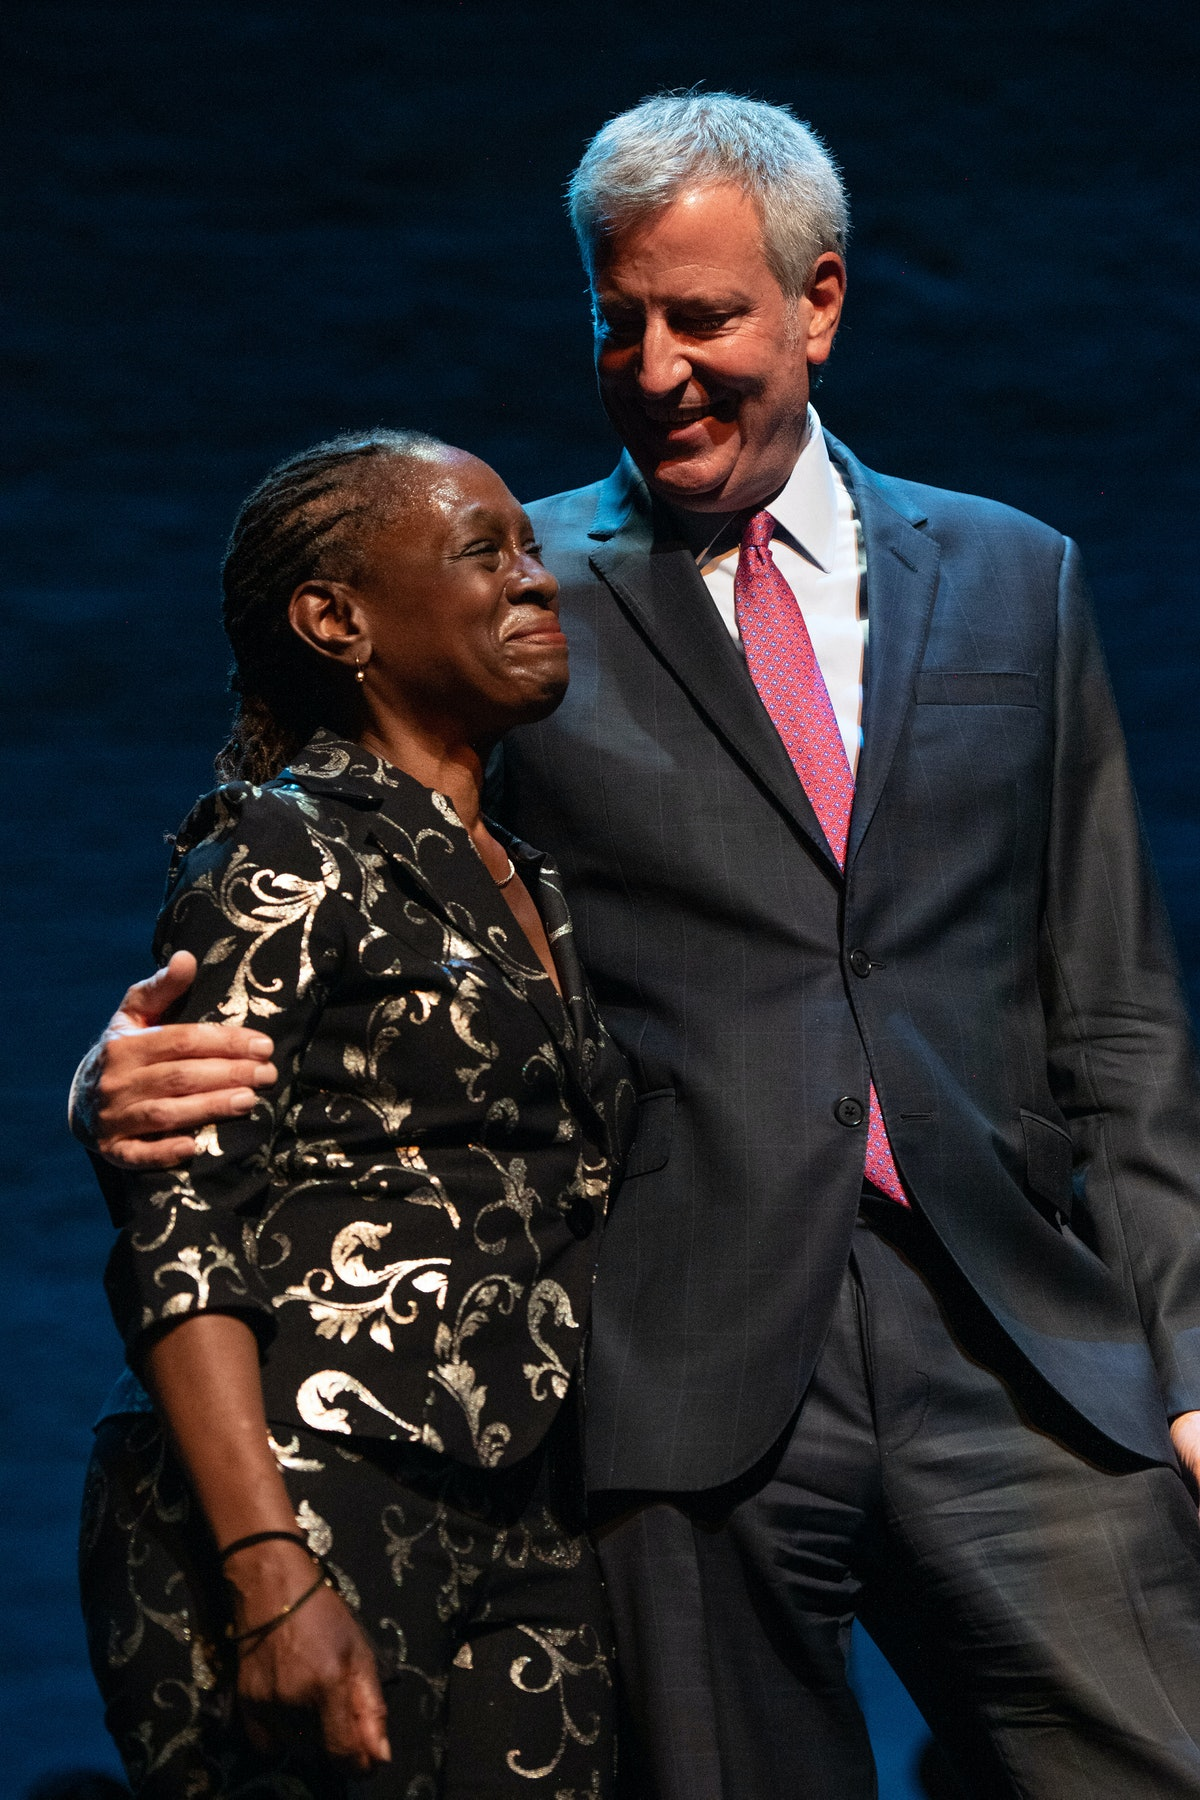 NEW YORK, NEW YORK - AUGUST 28: New York City Mayor Bill de Blasio and his wife Chirlane McCray atte...